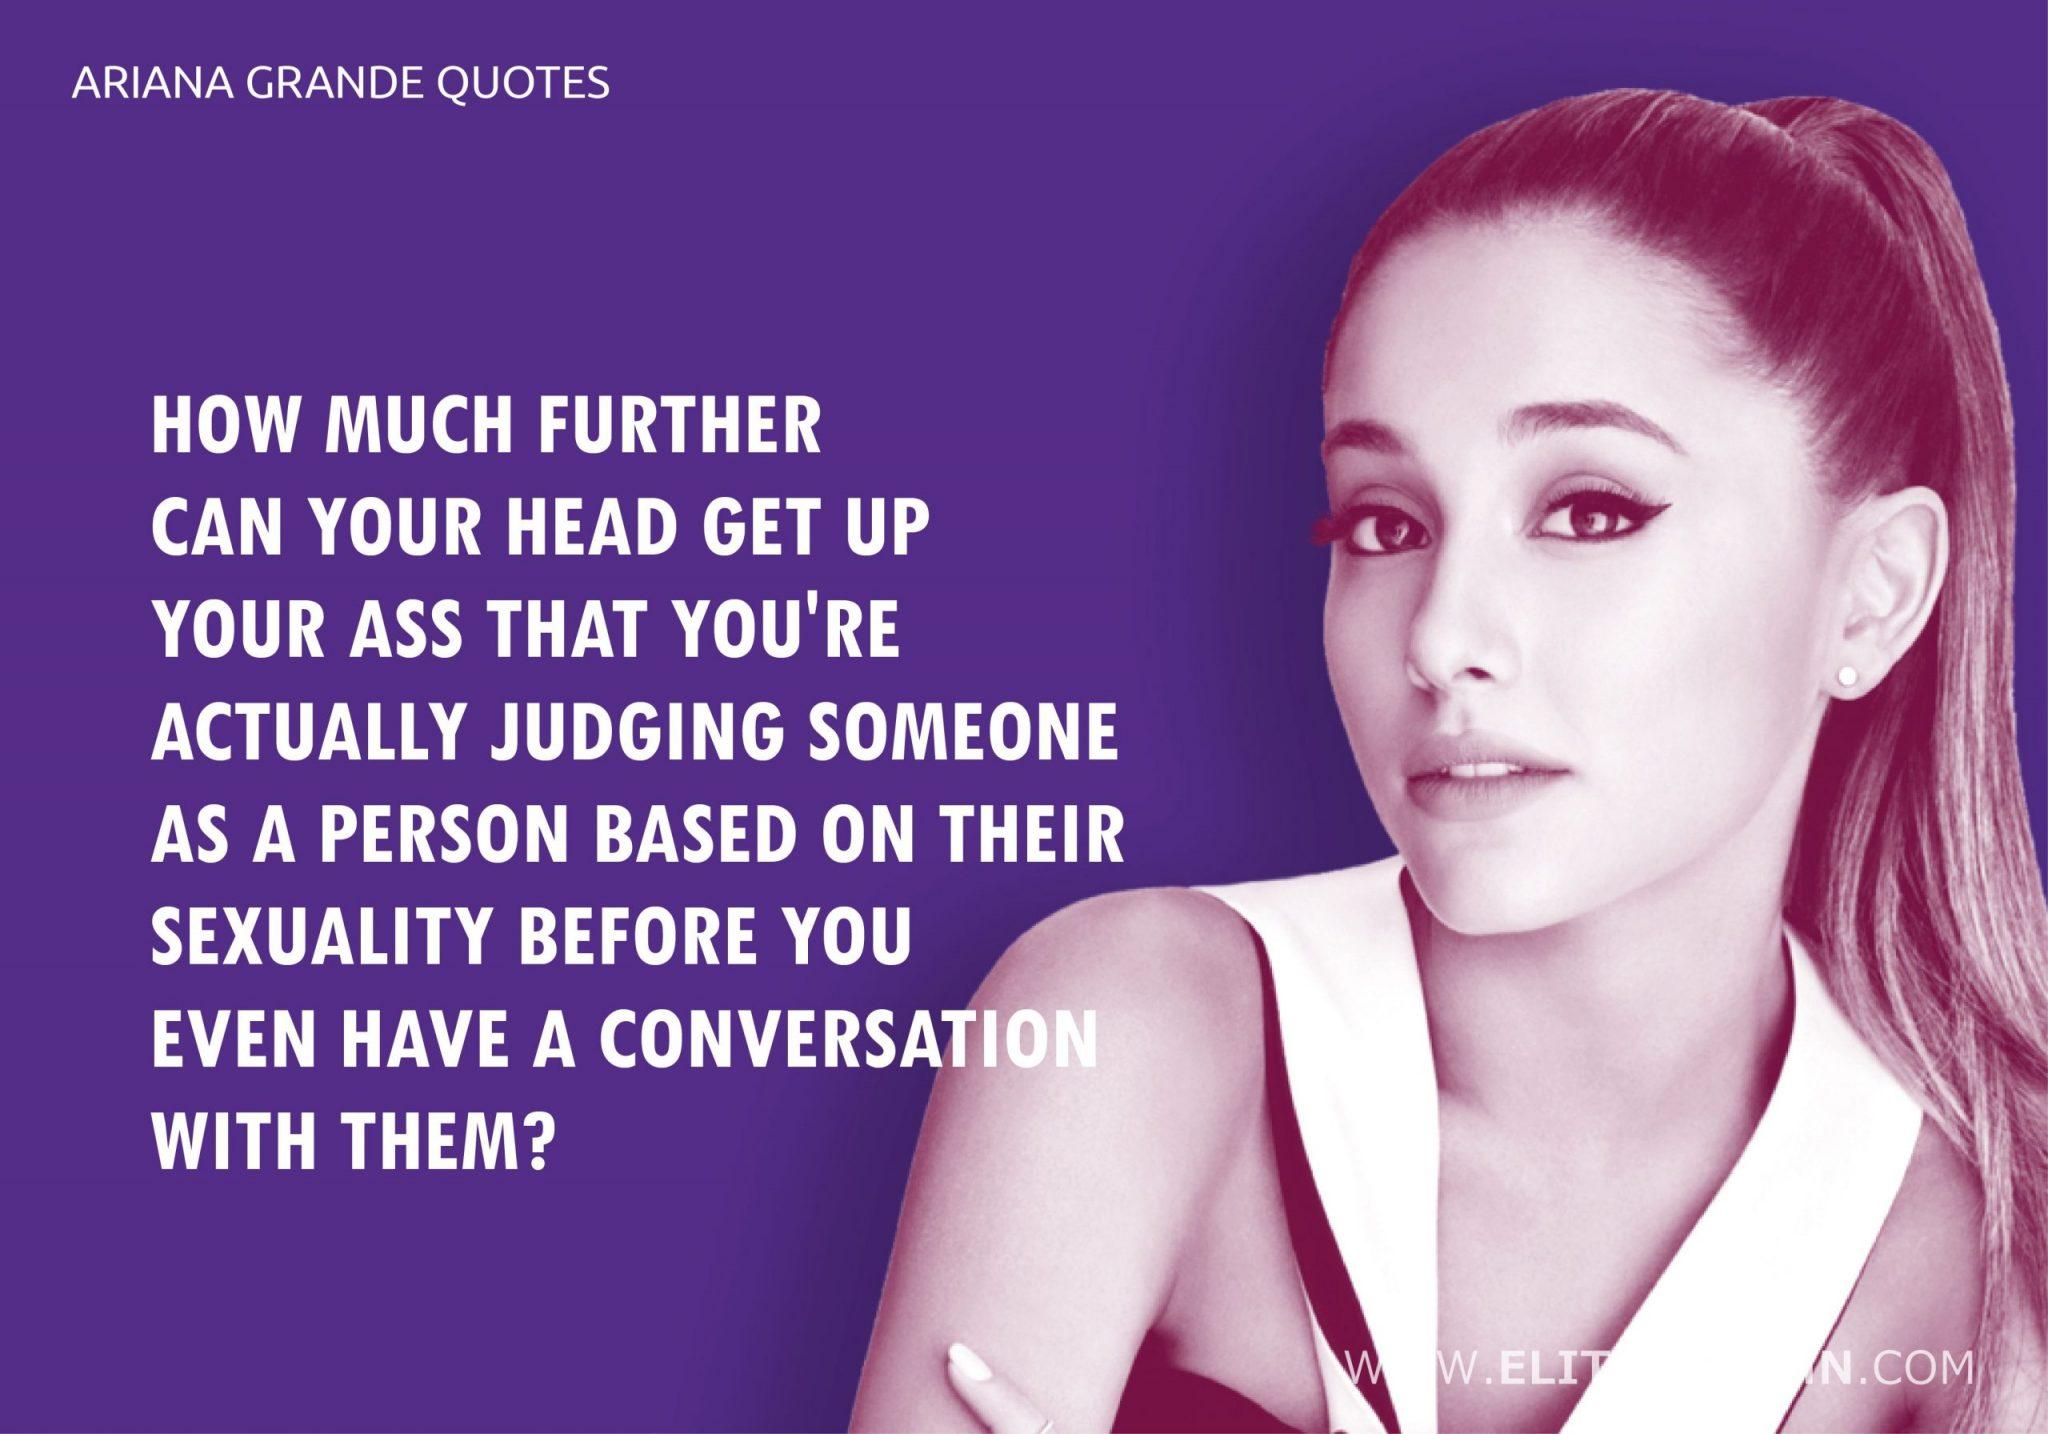 Ariana Grande Quotes (11)